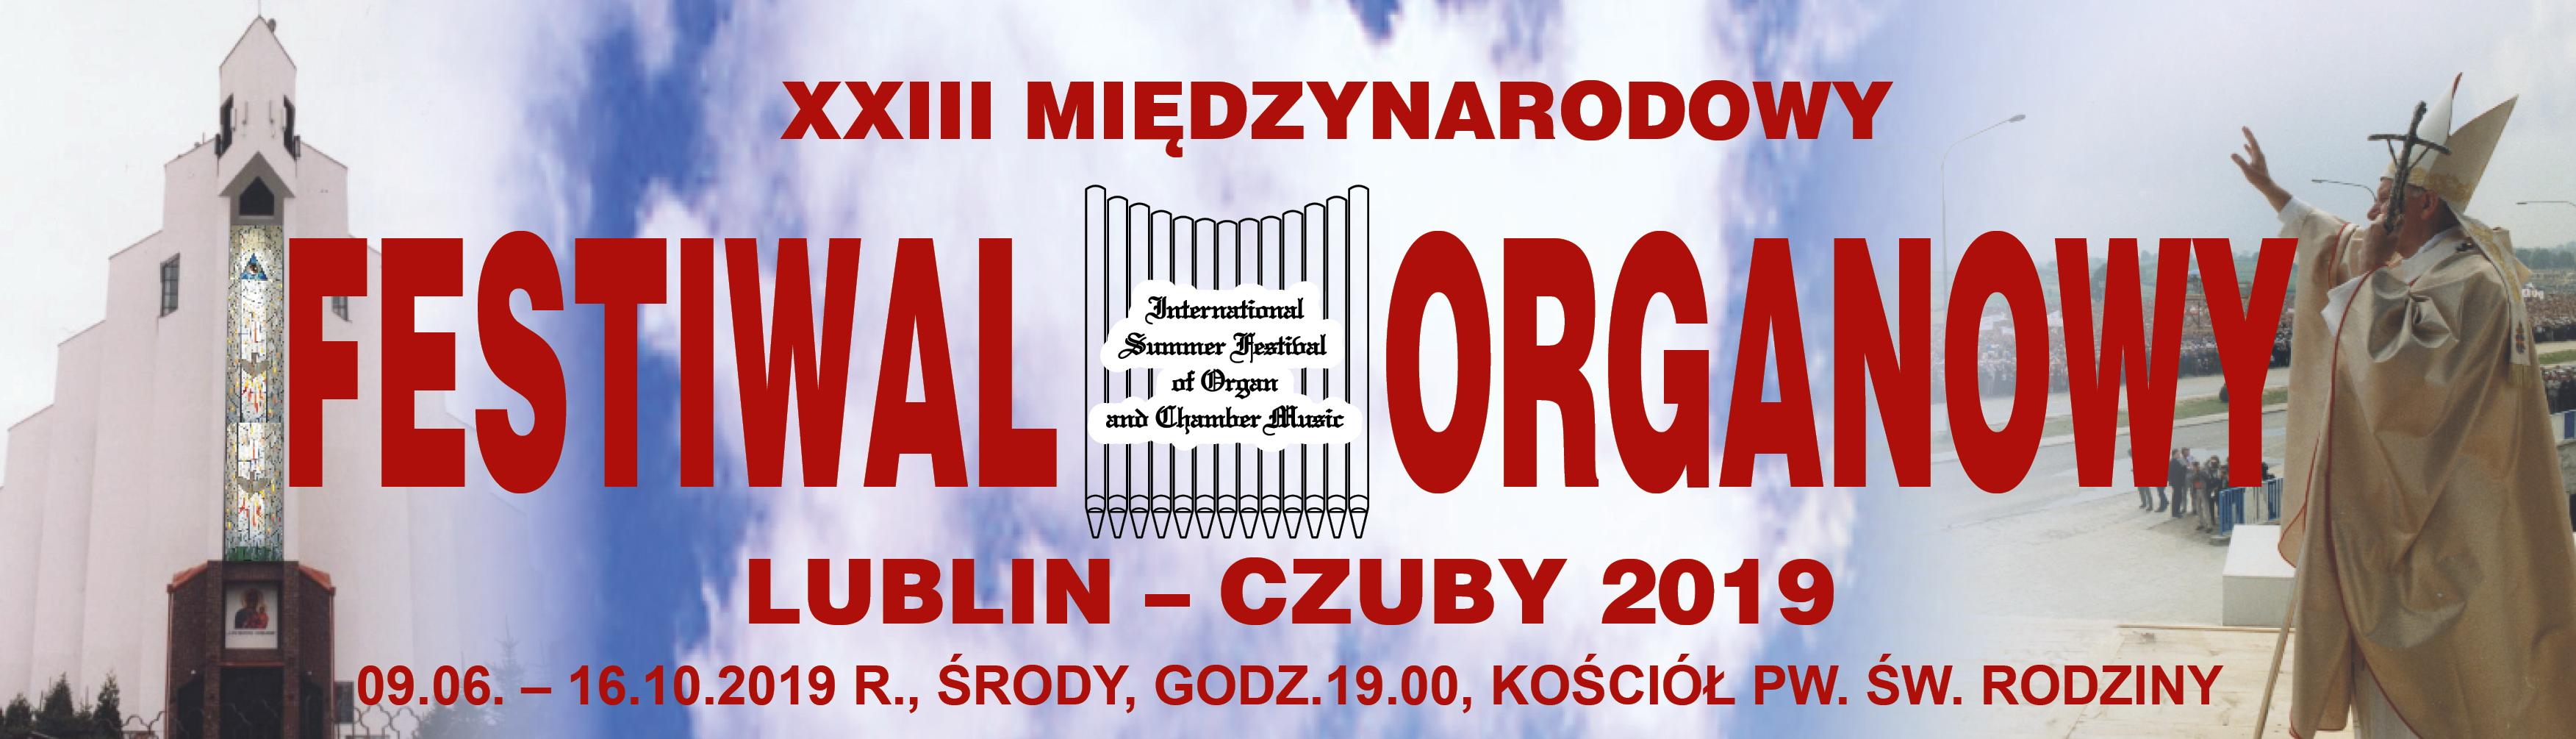 XXIII Międzynarodowy Festiwal Organowy Lublin-Czuby 2019